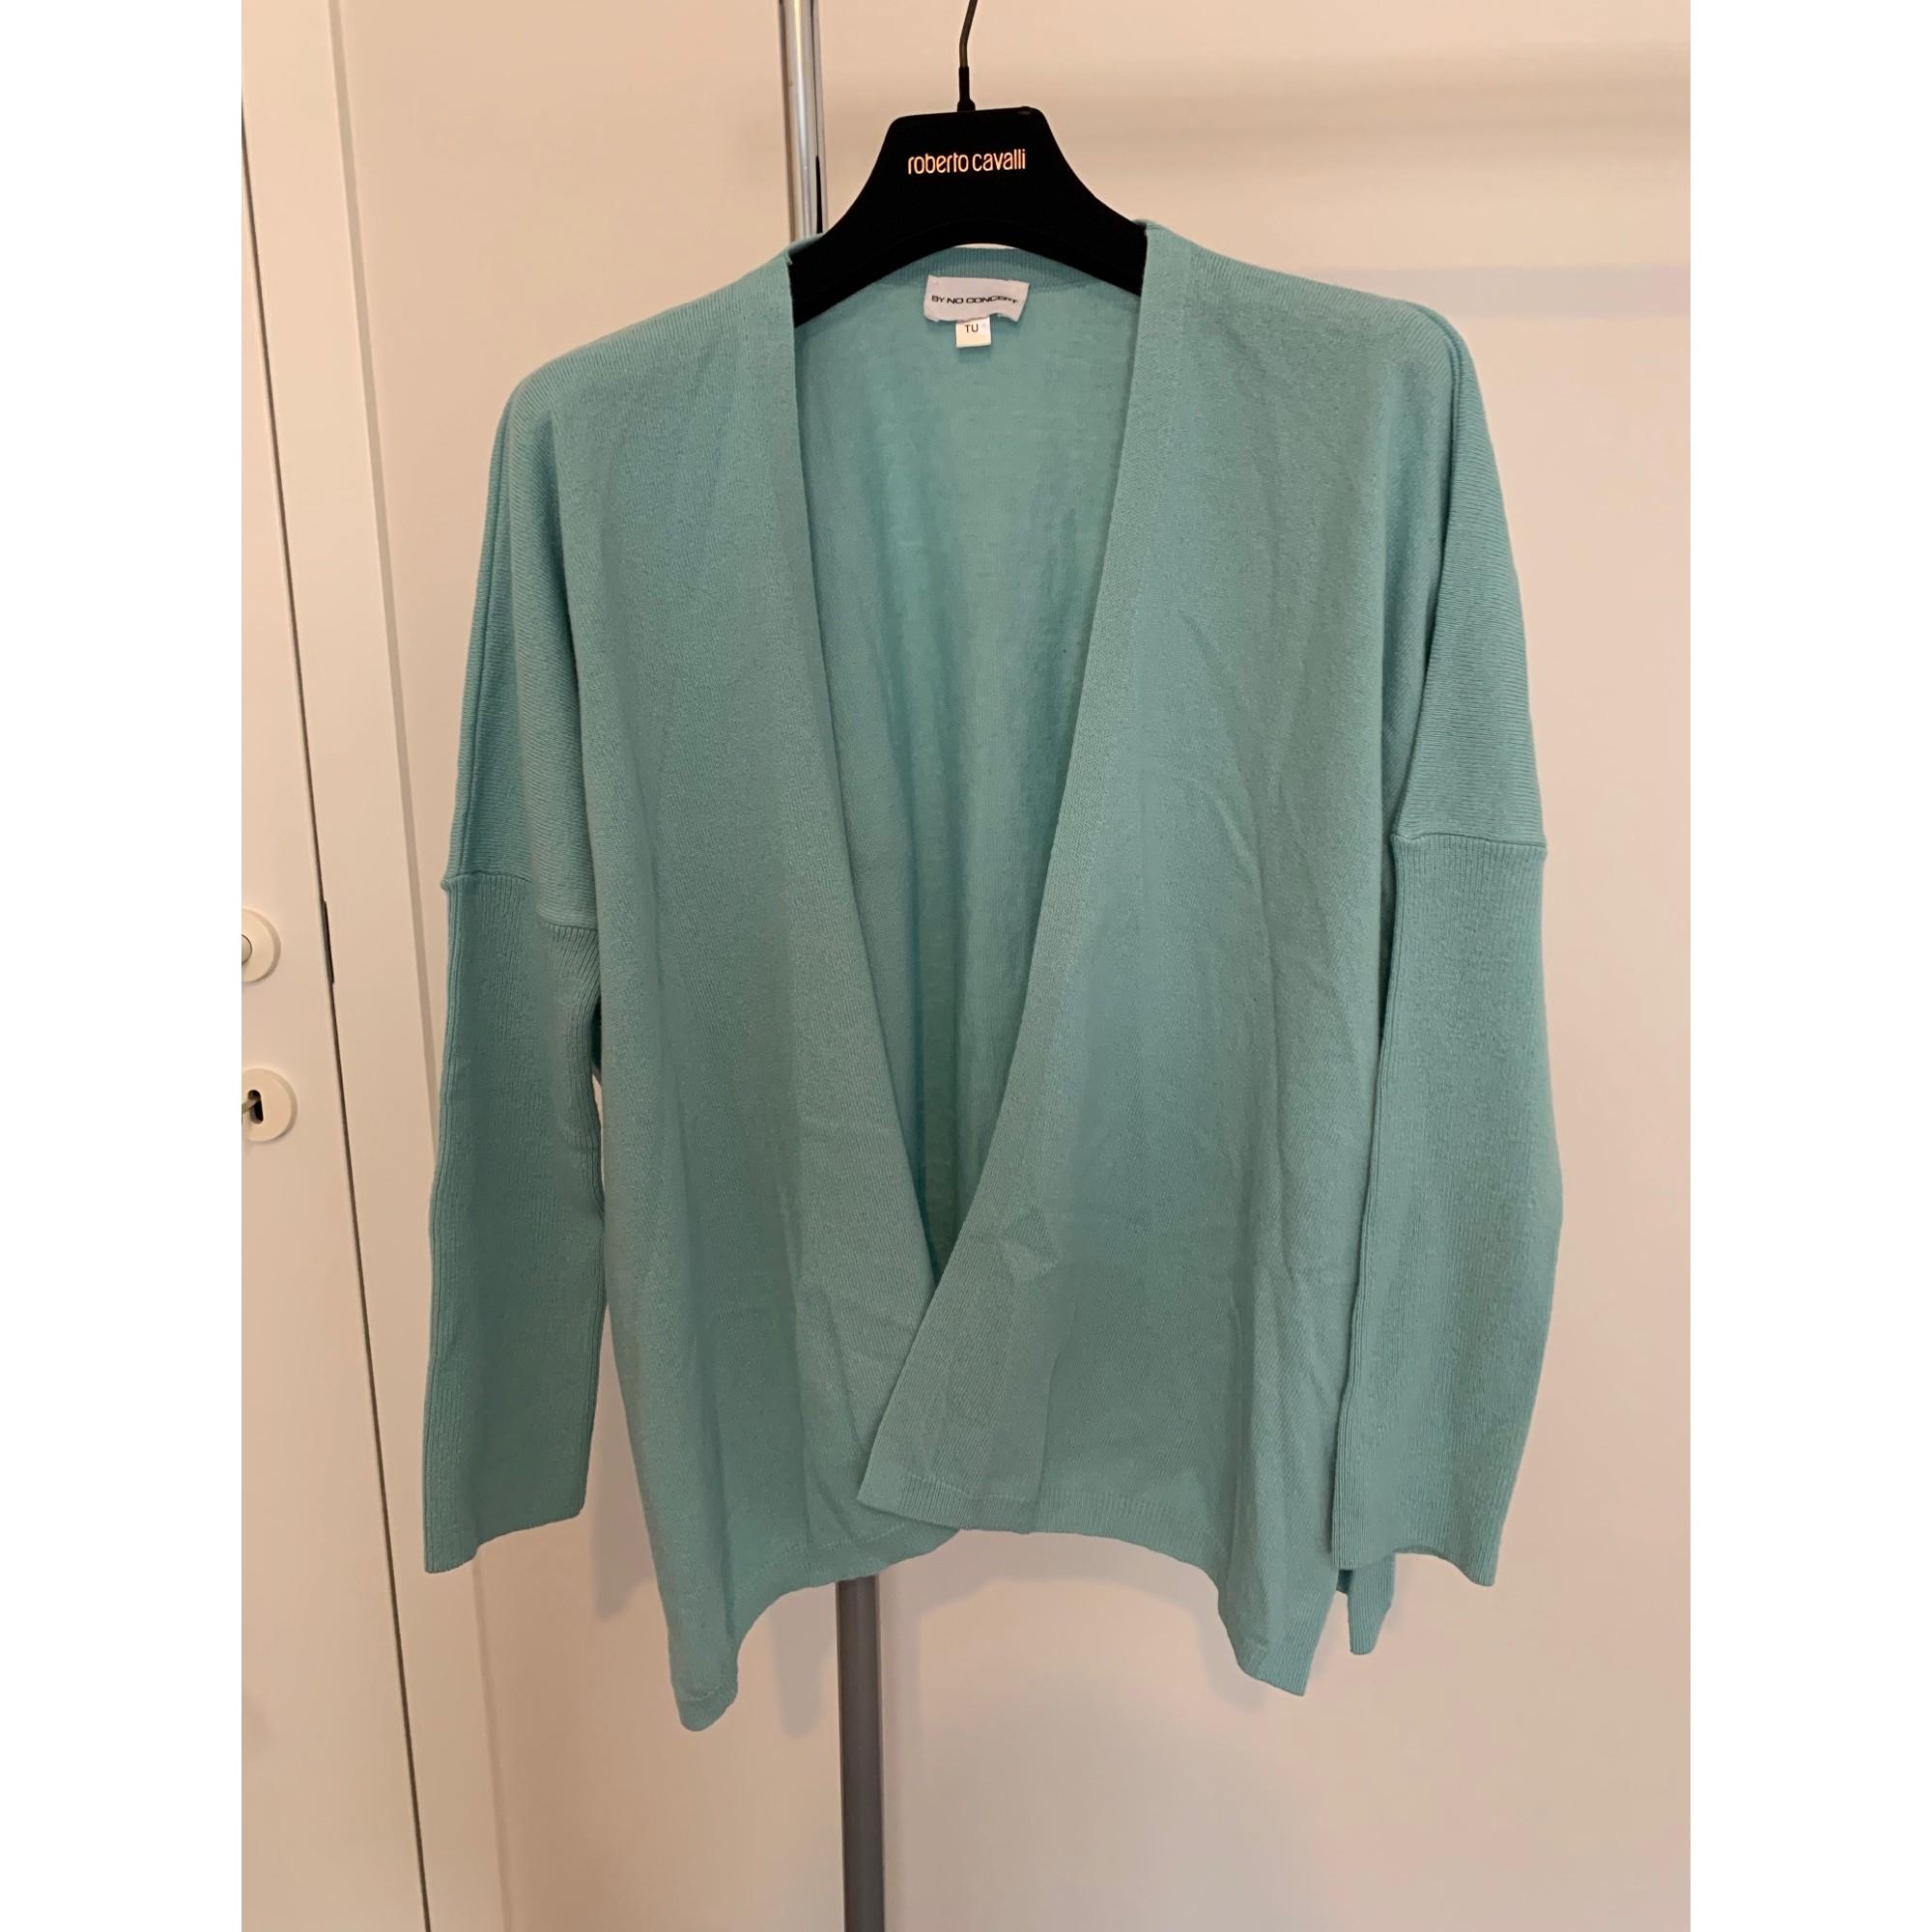 Gilet, cardigan NO CONCEPT Bleu, bleu marine, bleu turquoise